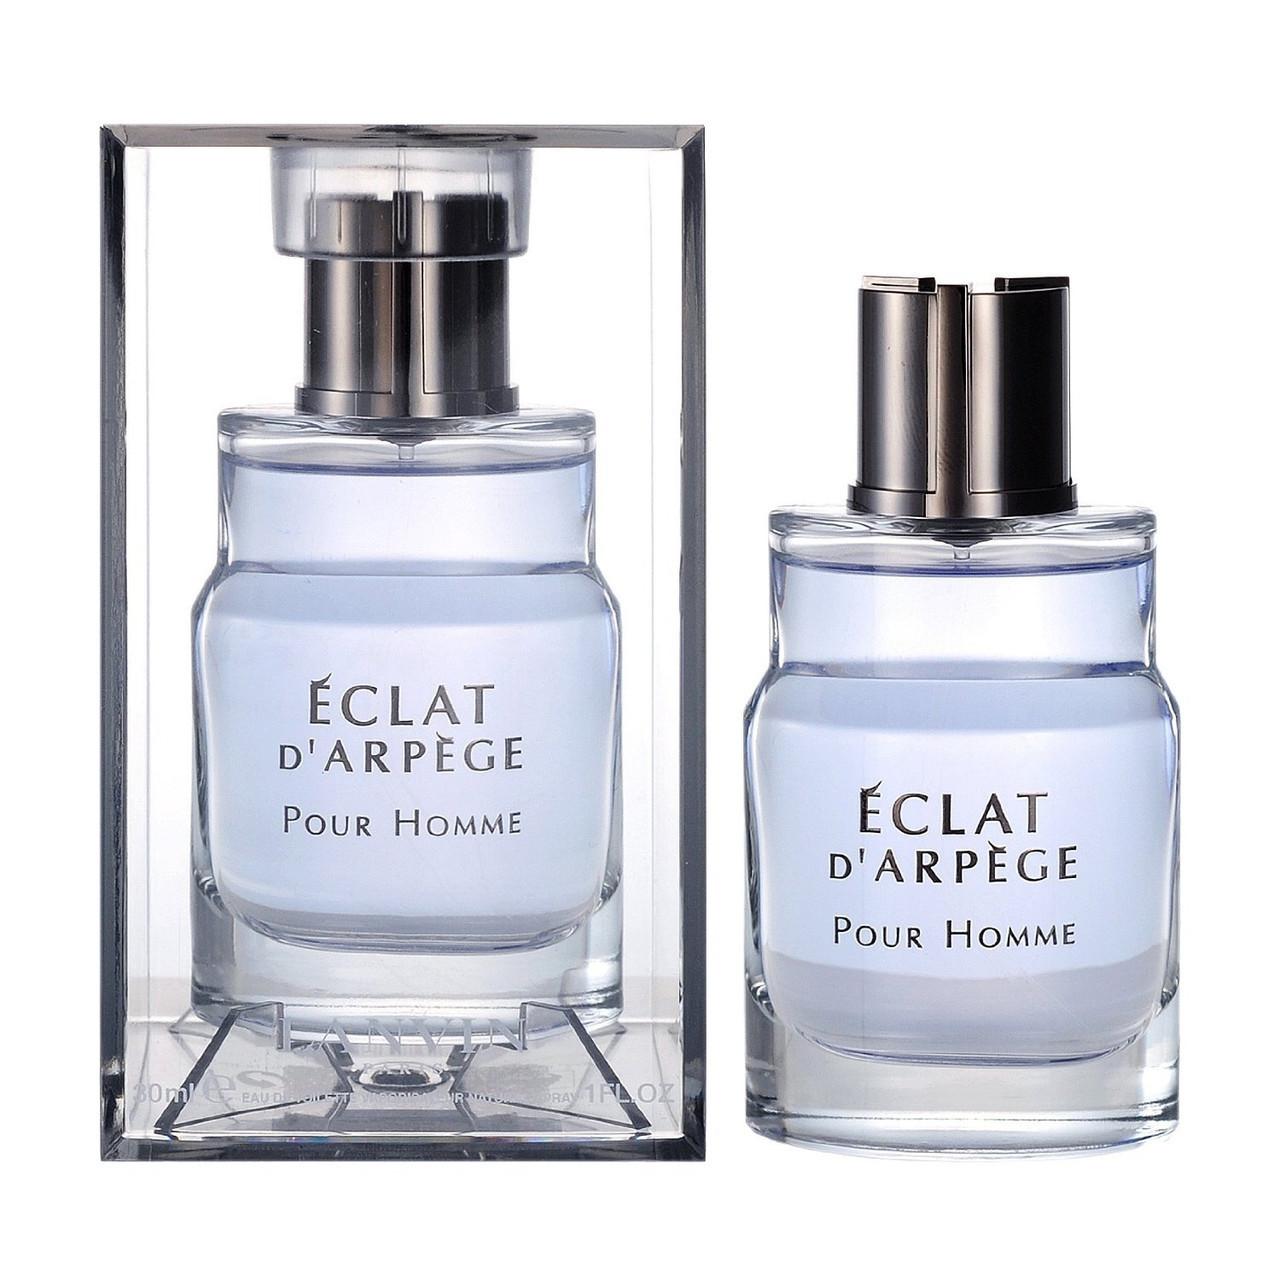 Мужской аромат Lanvin Eclat D Arpege Pour Homme 100 ml в пластиковой упаковке копия